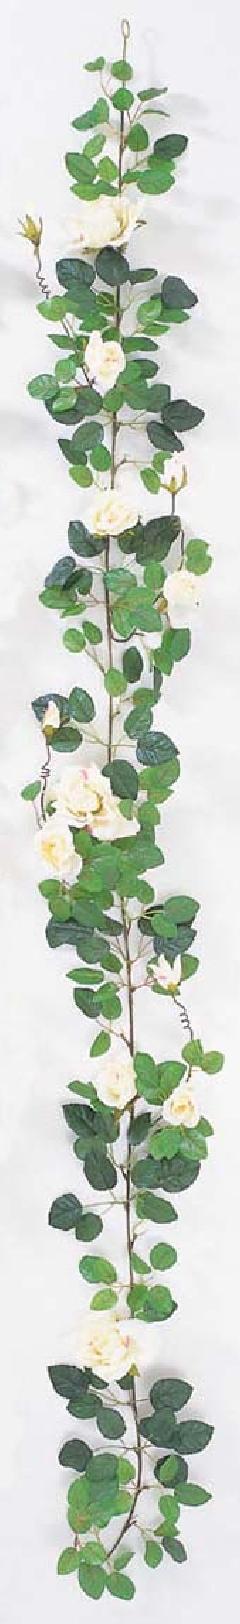 屋内用造花バラガーランド(プラチナローズ・クリーム/ピンク・全長180cm/花径5〜10cm)FLG−302